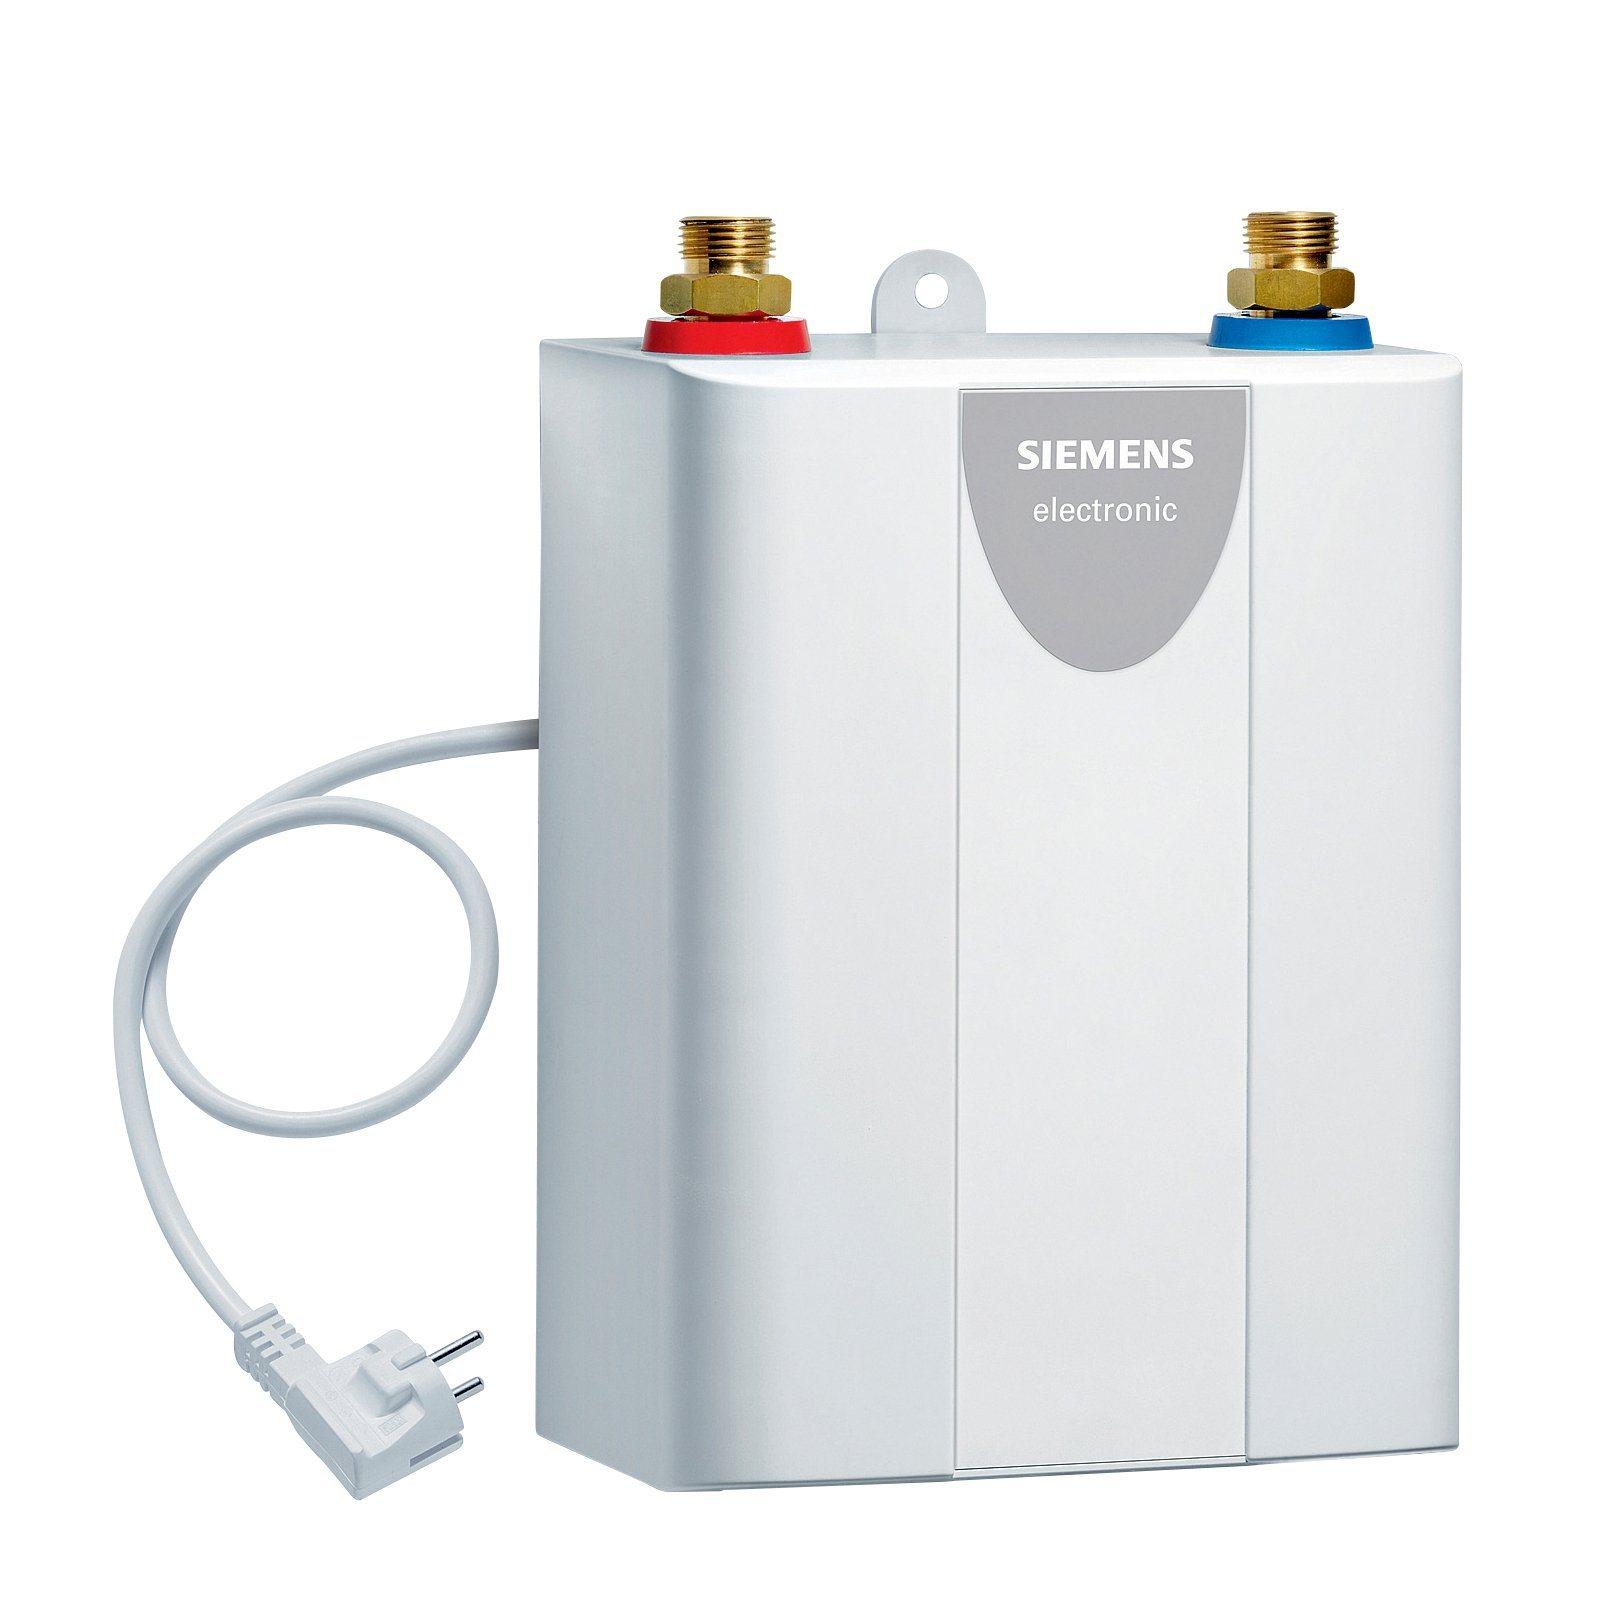 Siemens Kleindurchlauferhitzer »Siemens DE10104« | Baumarkt > Heizung und Klima > Durchlauferhitzer | SIEMENS